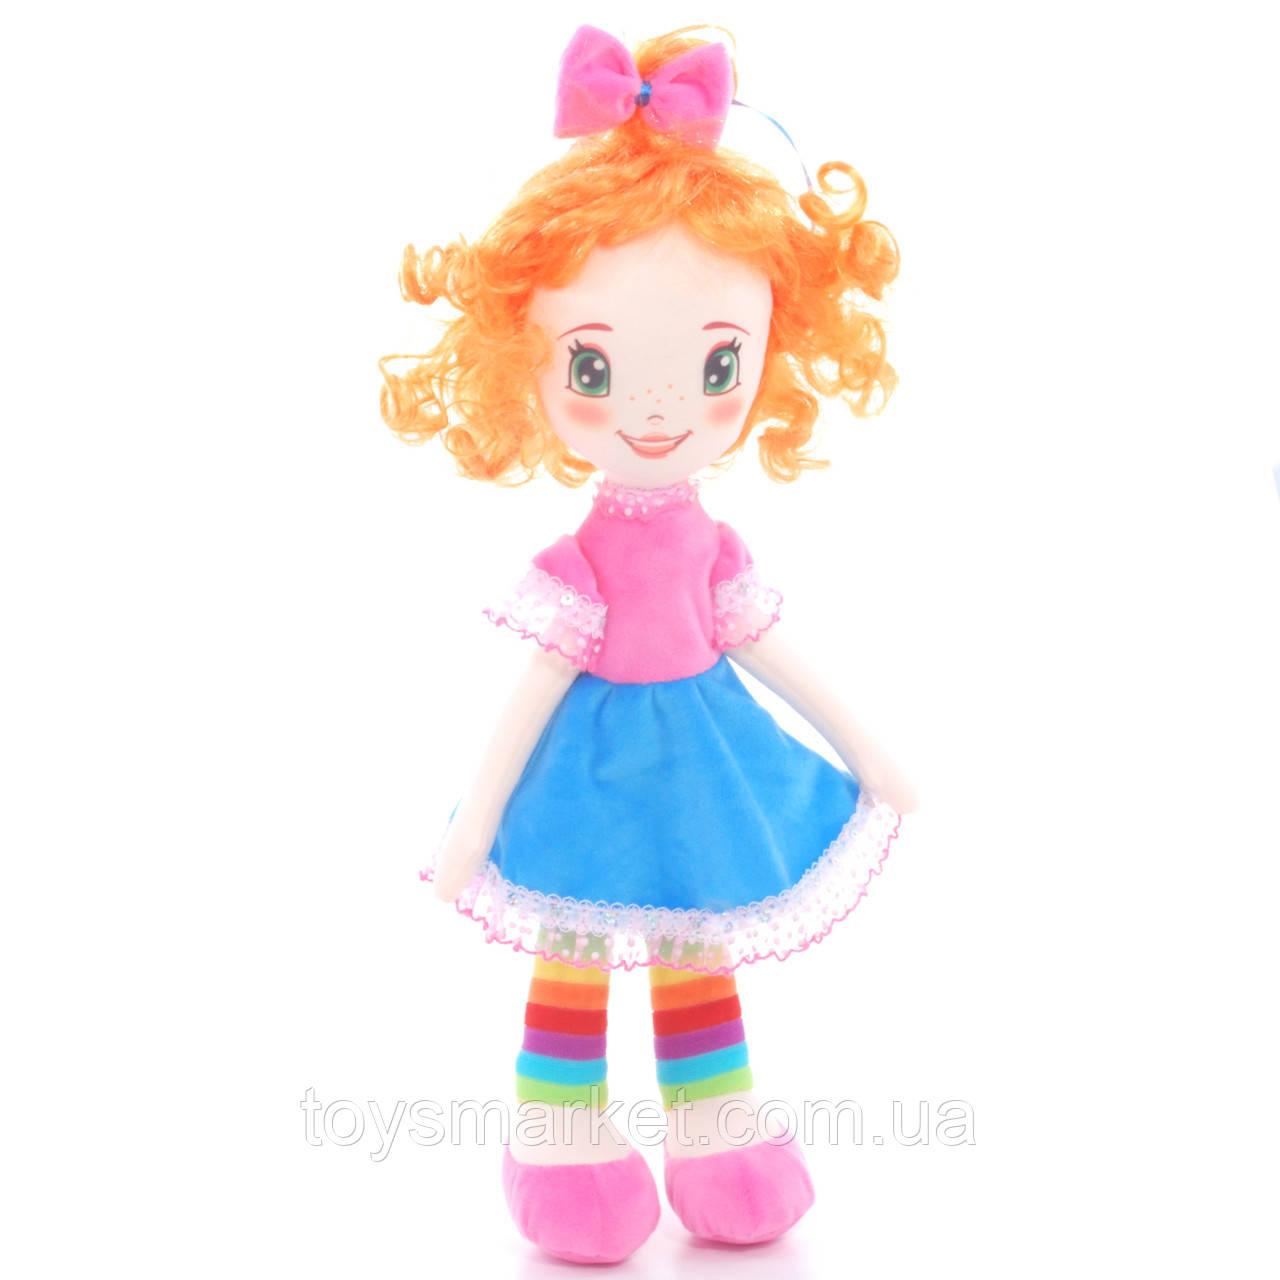 Игрушка кукла Анабель